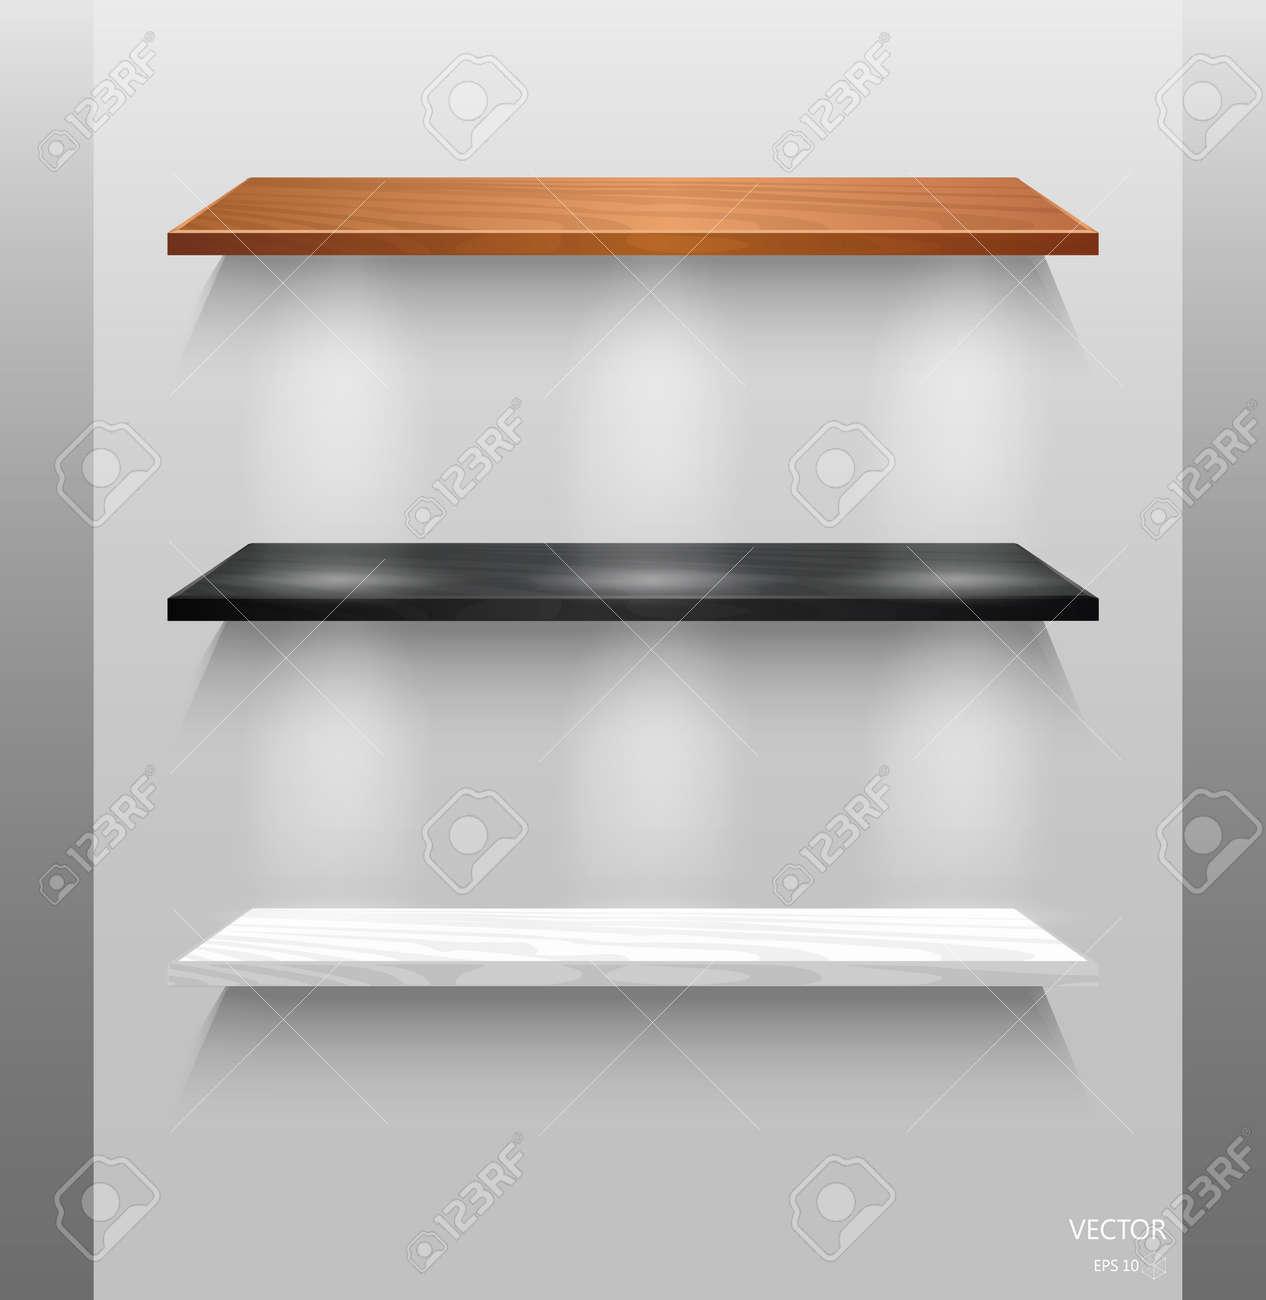 mur de des étagères bois Vecteur isolés vides fond en sur 8X0PnwNOk